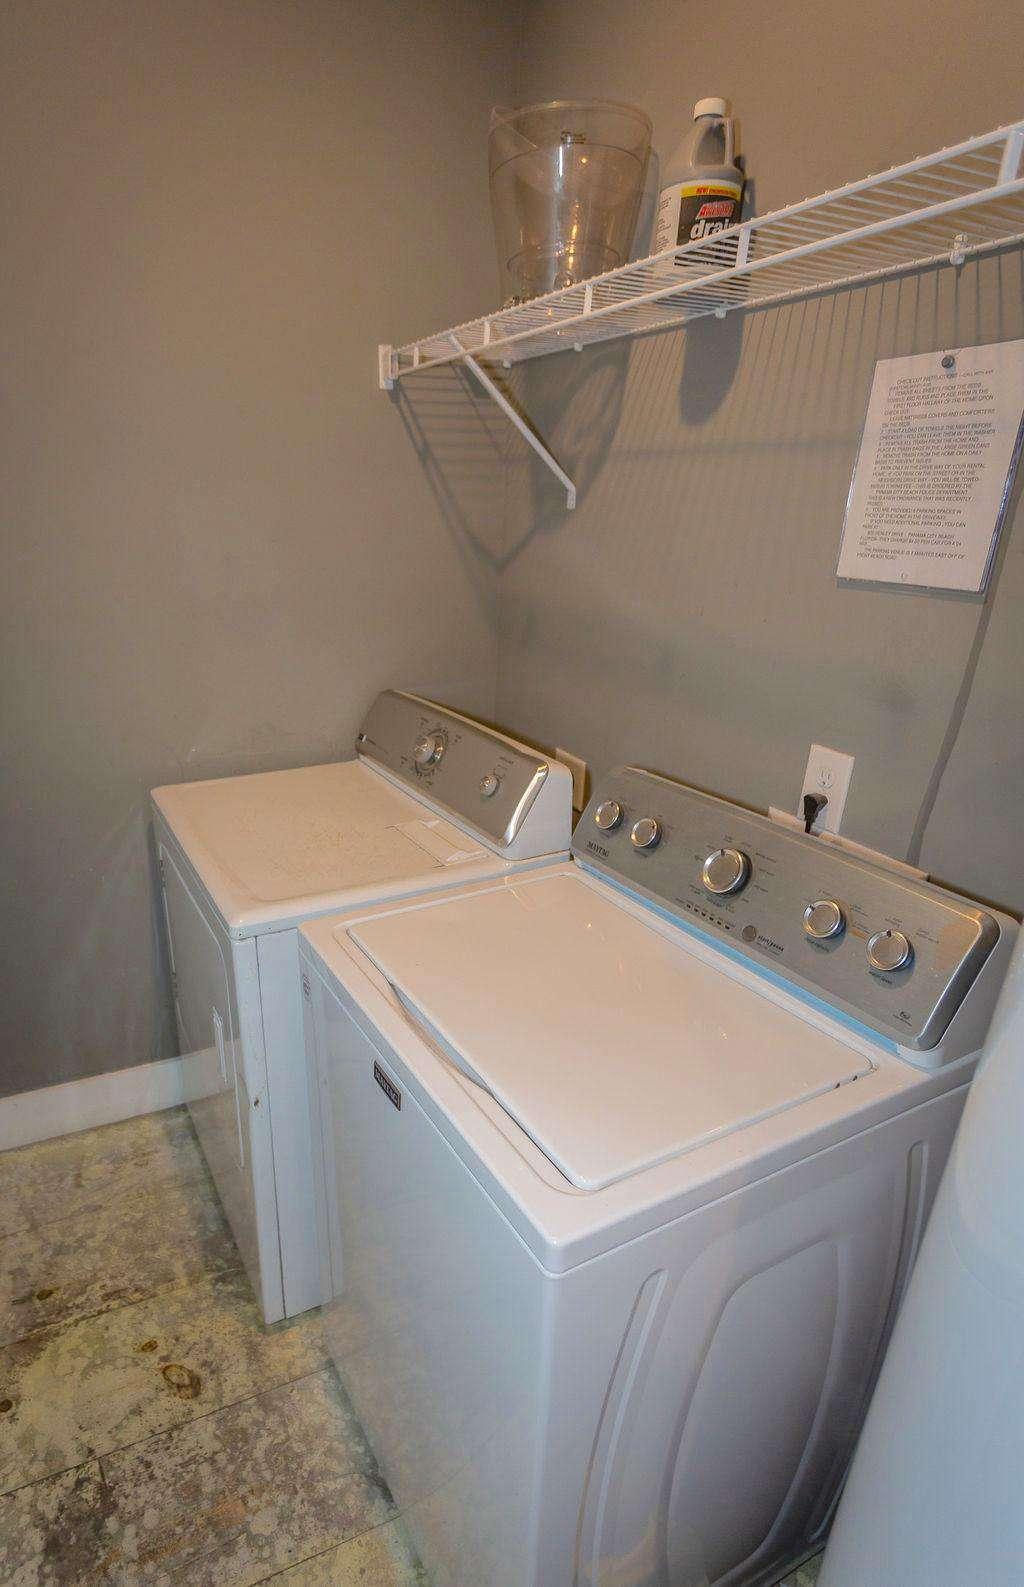 full size maytag washer/dryer